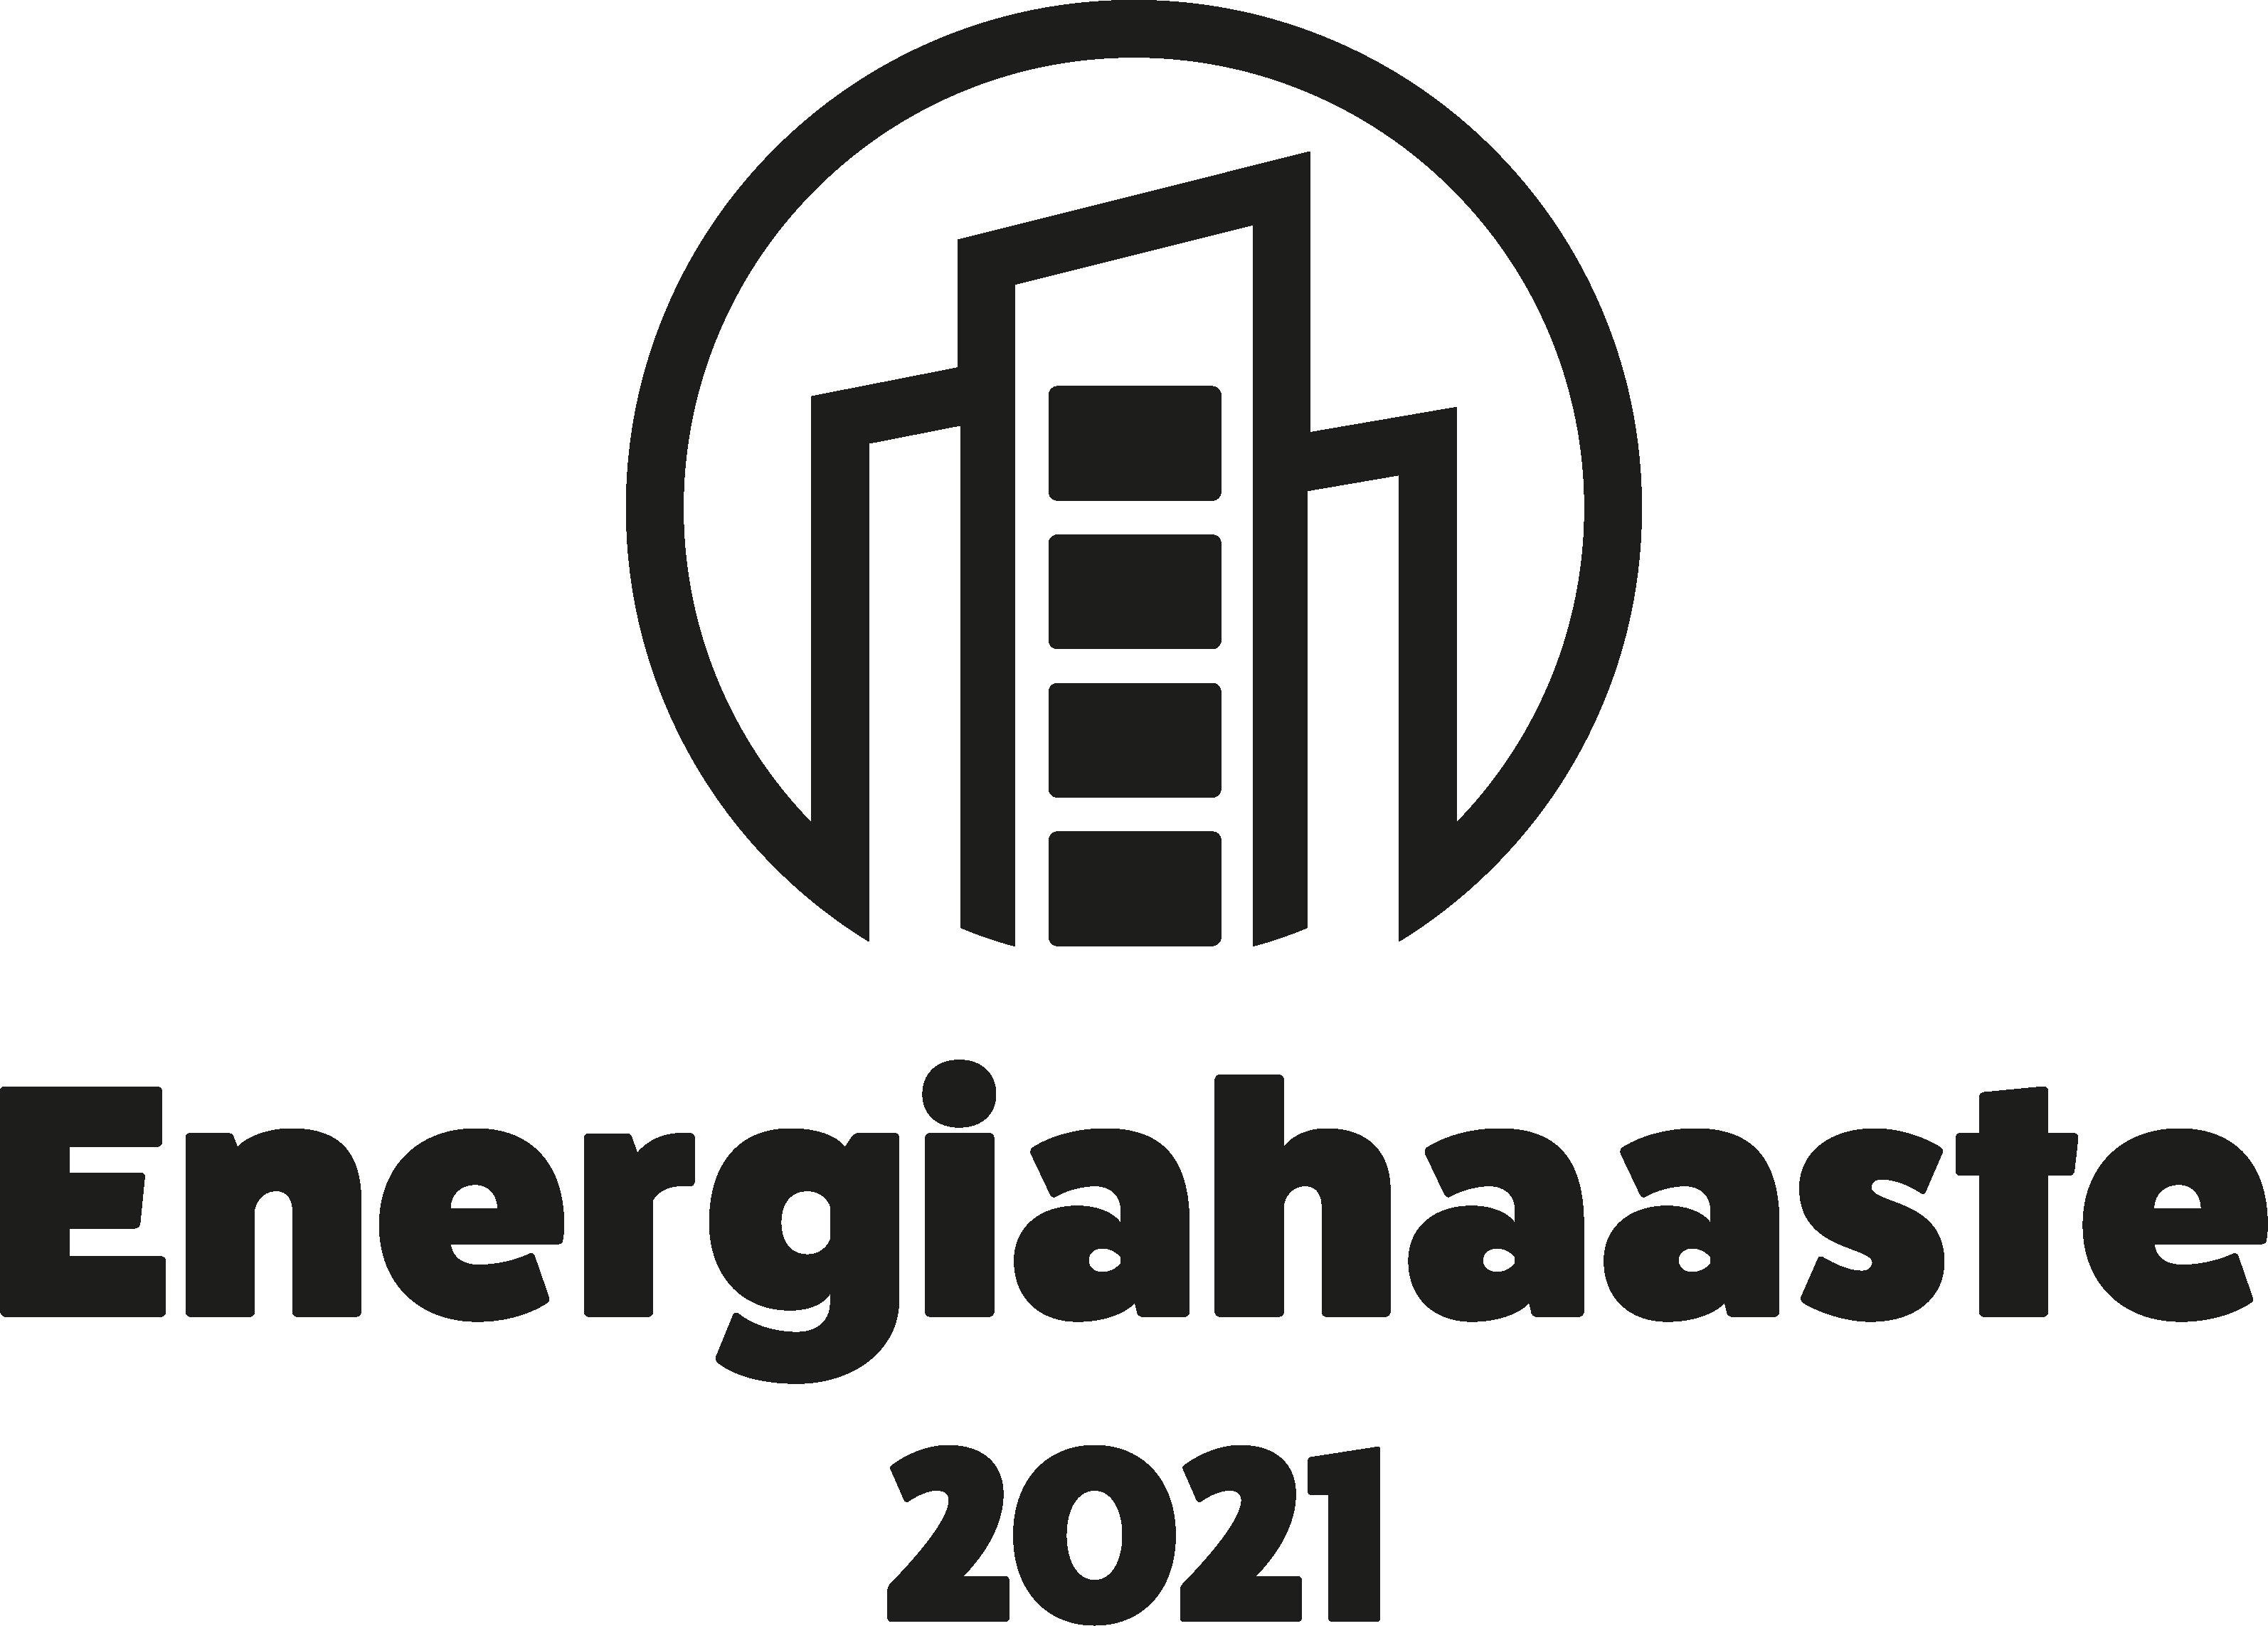 Energiahaaste_logo_musta